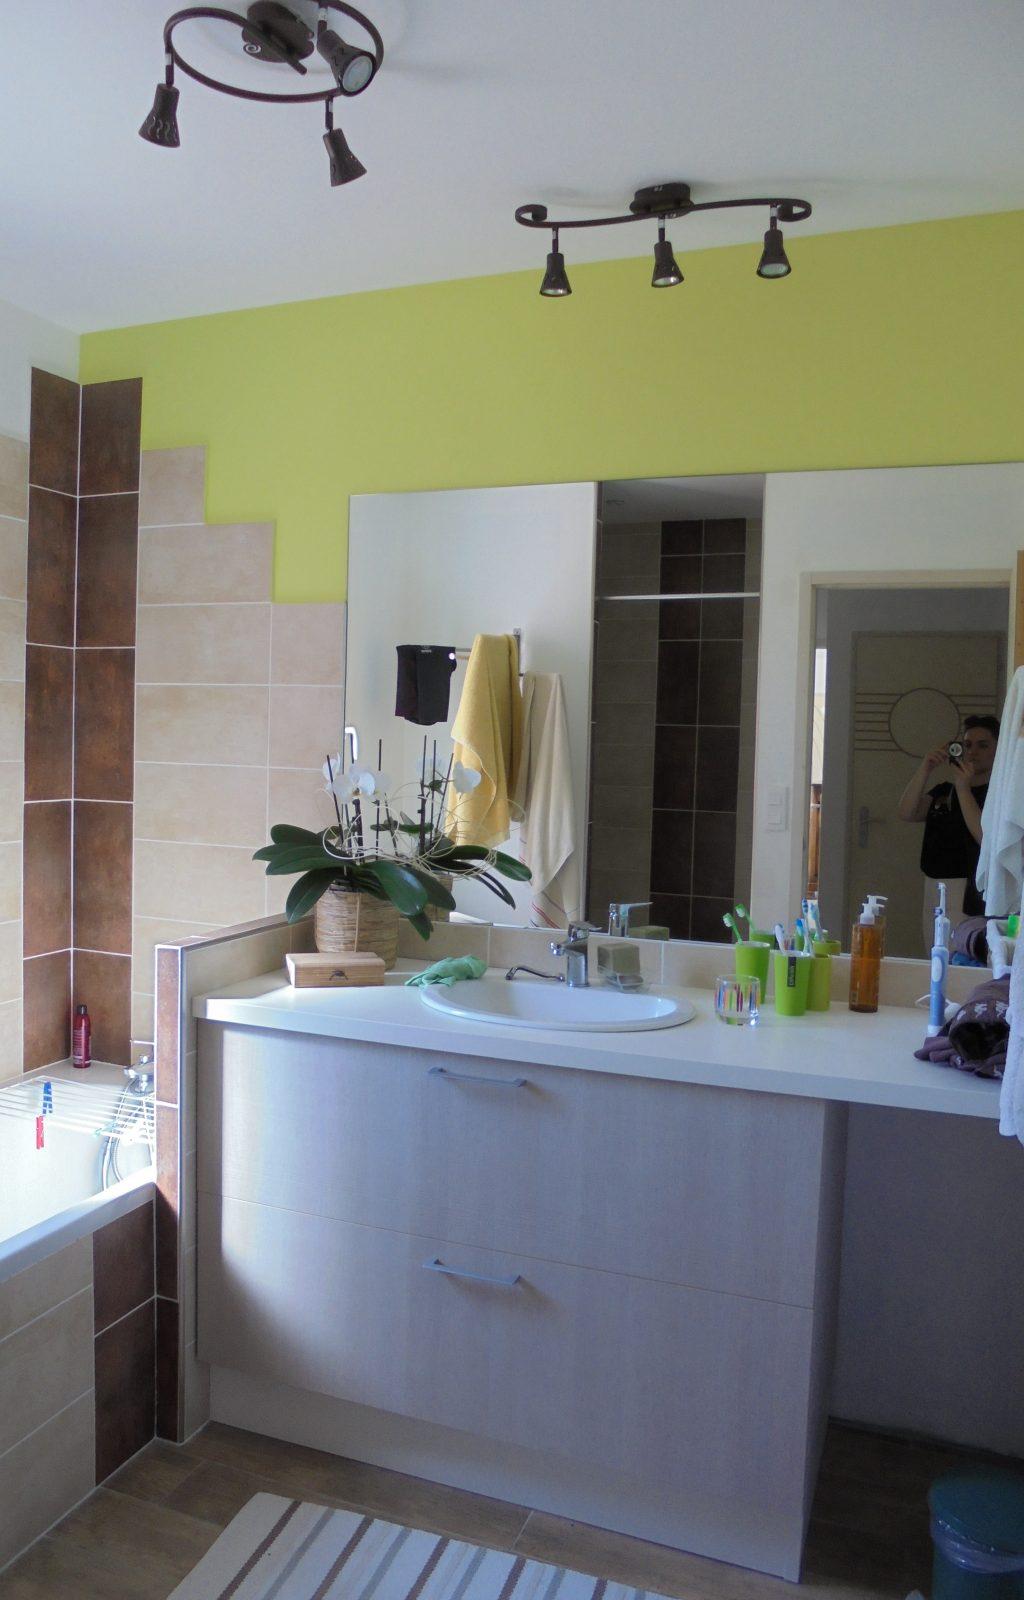 atelier_construction_maitre_oeuvre_bourg_maison_neuf_salle_bain_chocolat_vert